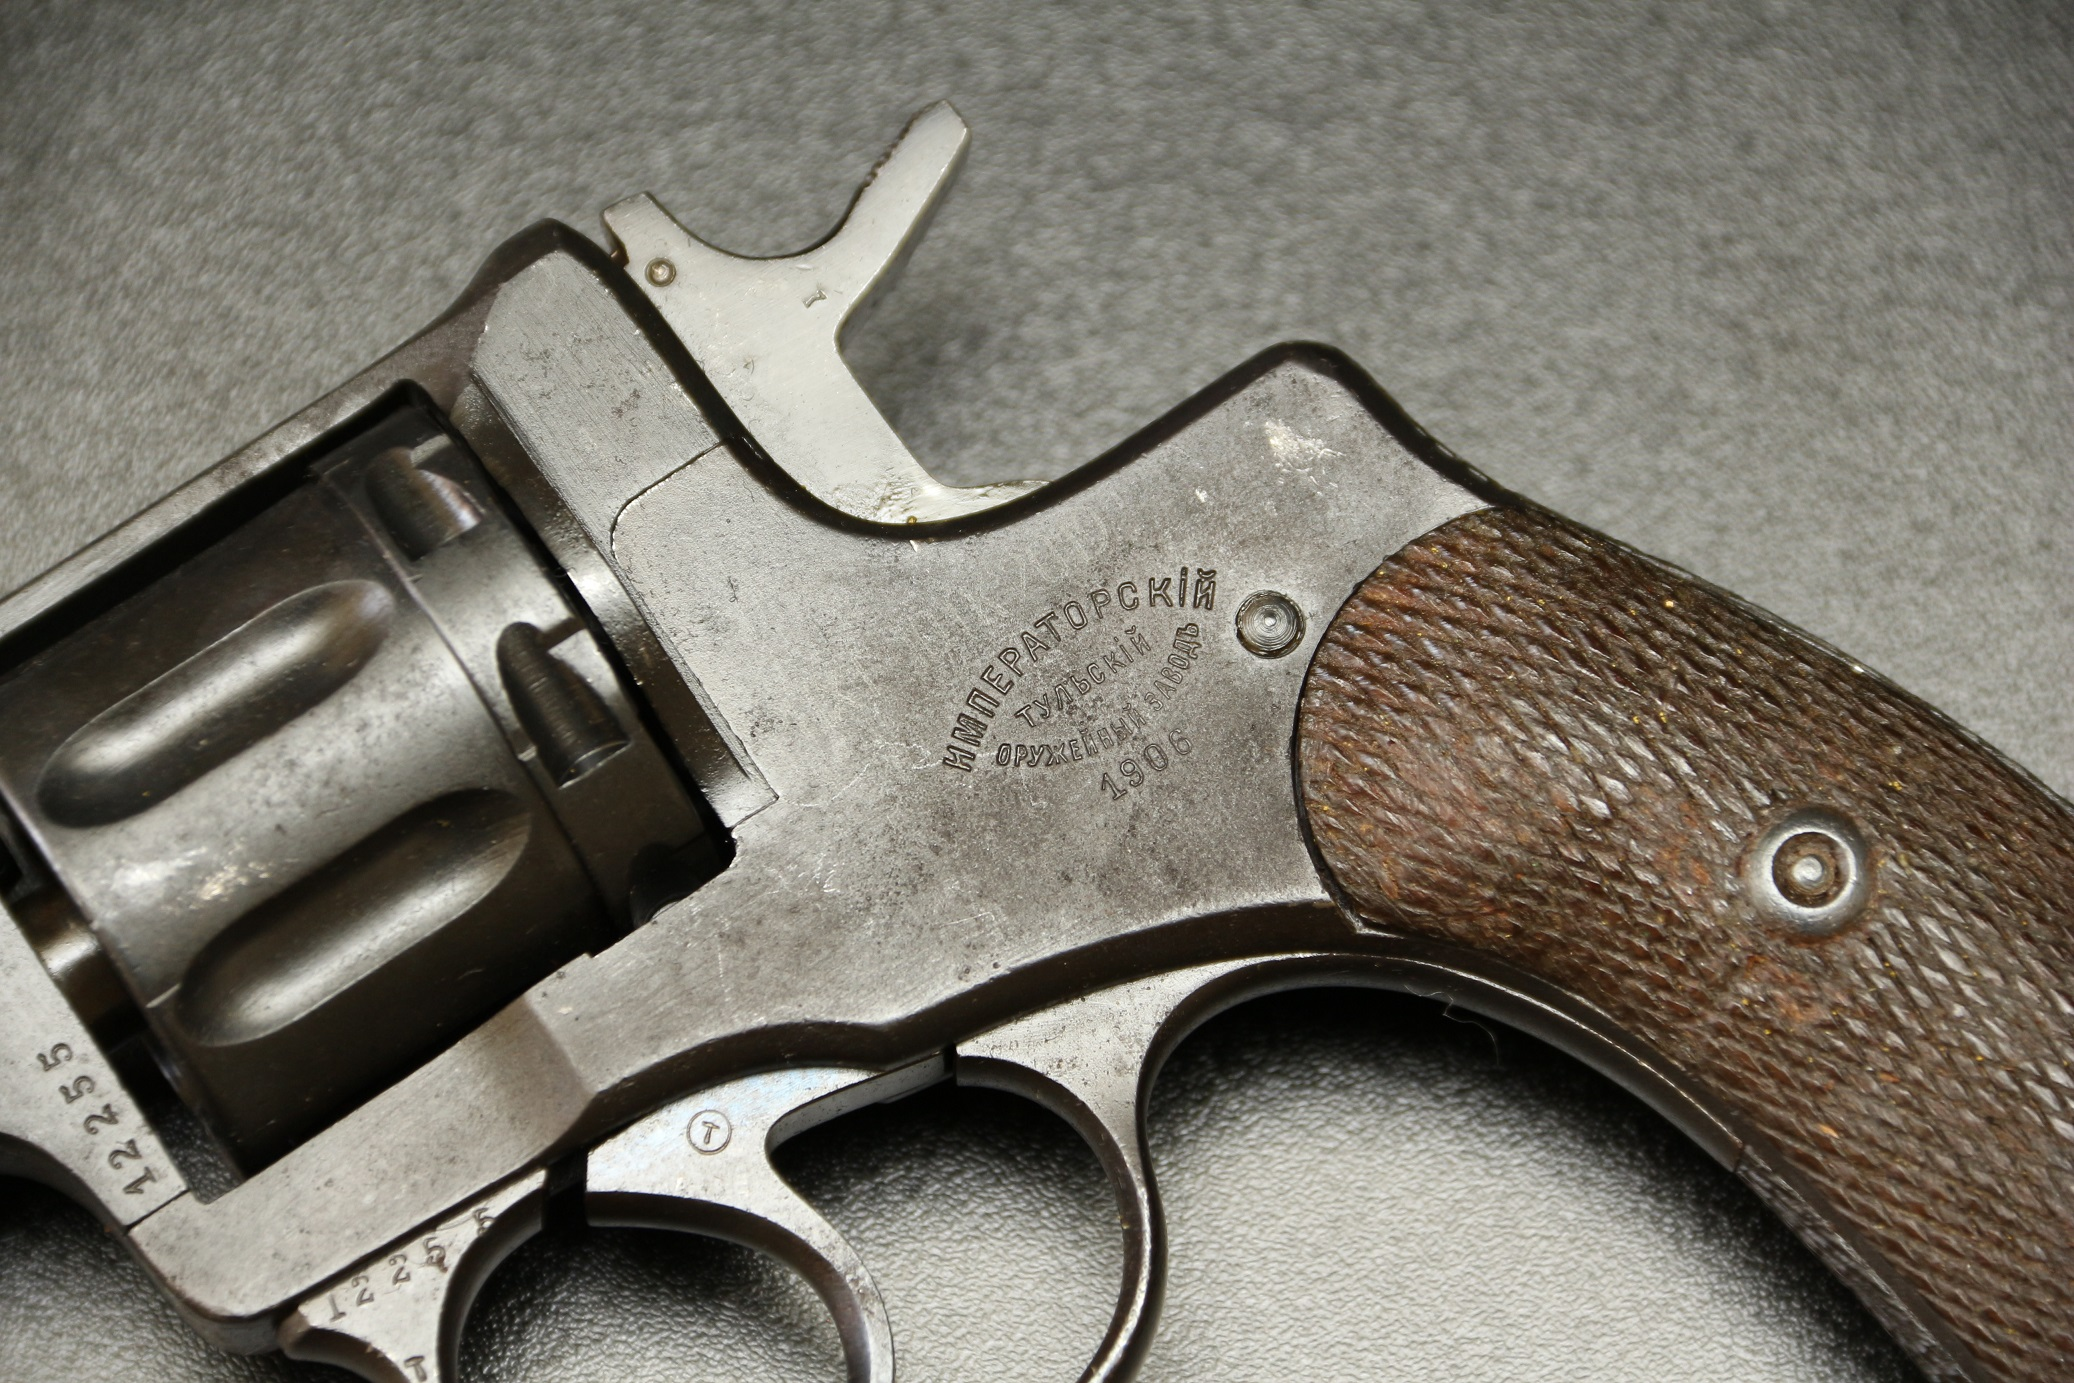 Фото Охолощенный револьвер Наган 1906 года №12255, царский